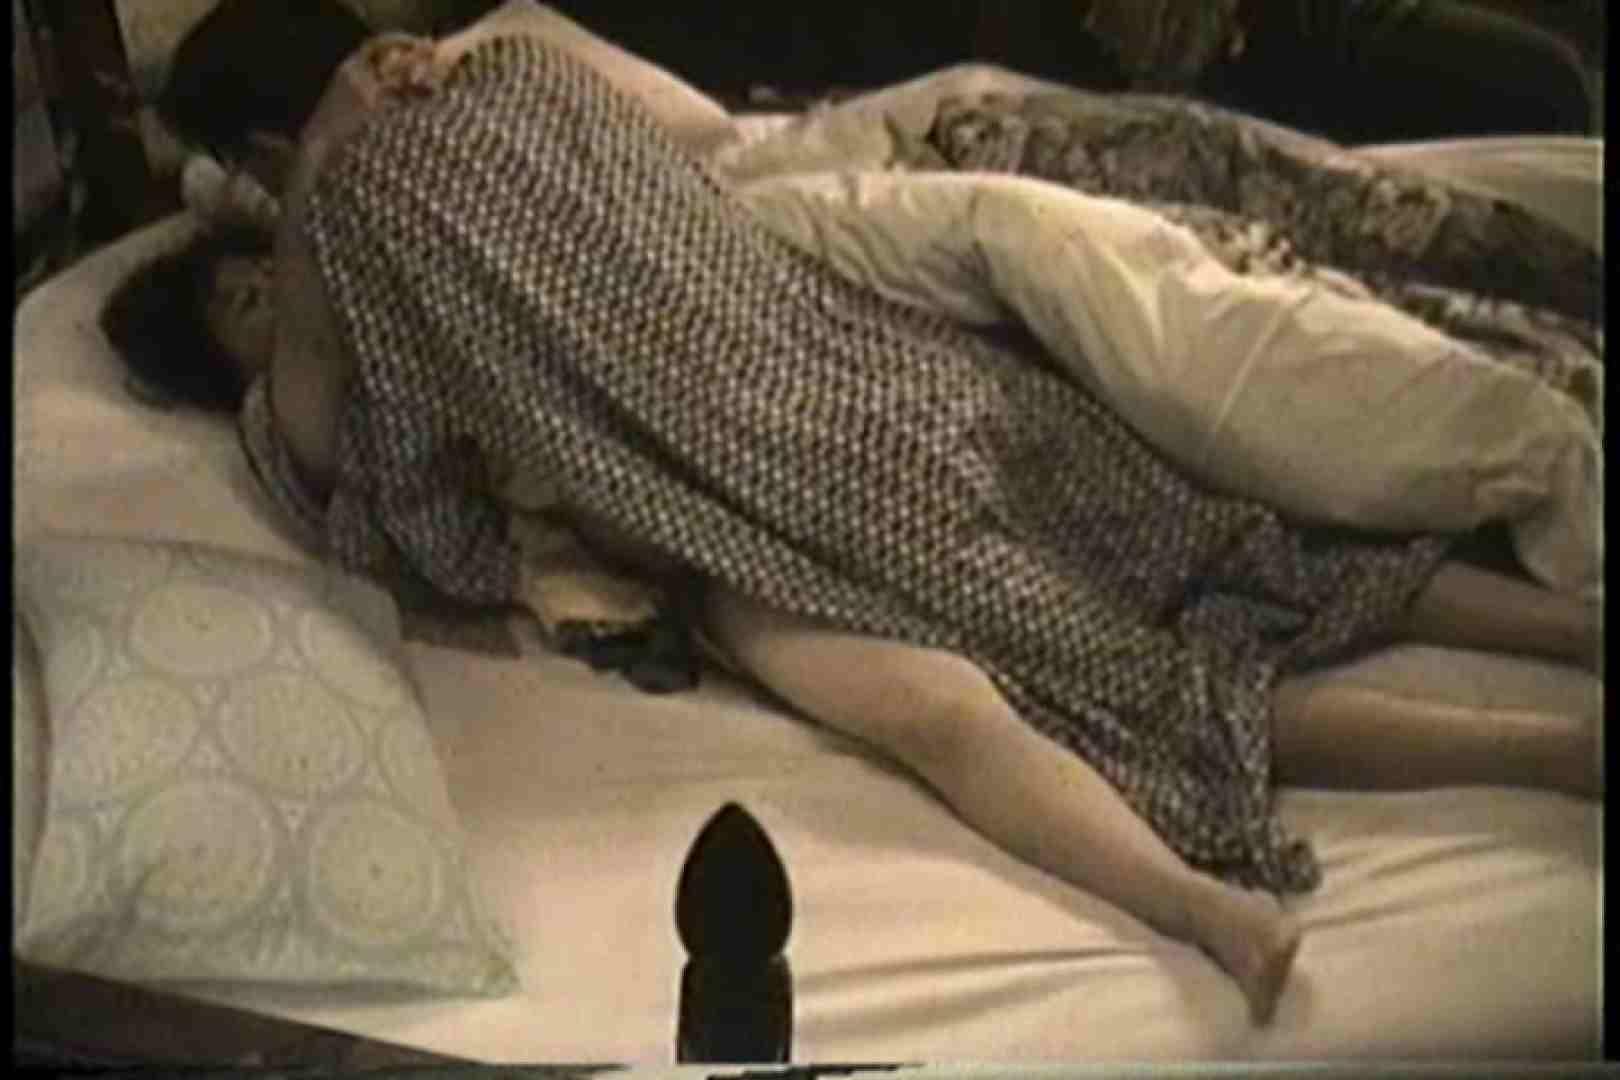 実録!ラブホテル~消し忘れ注意!昭和の色編~ vol.21 熟女のエロ動画   おっぱい  107PIX 13